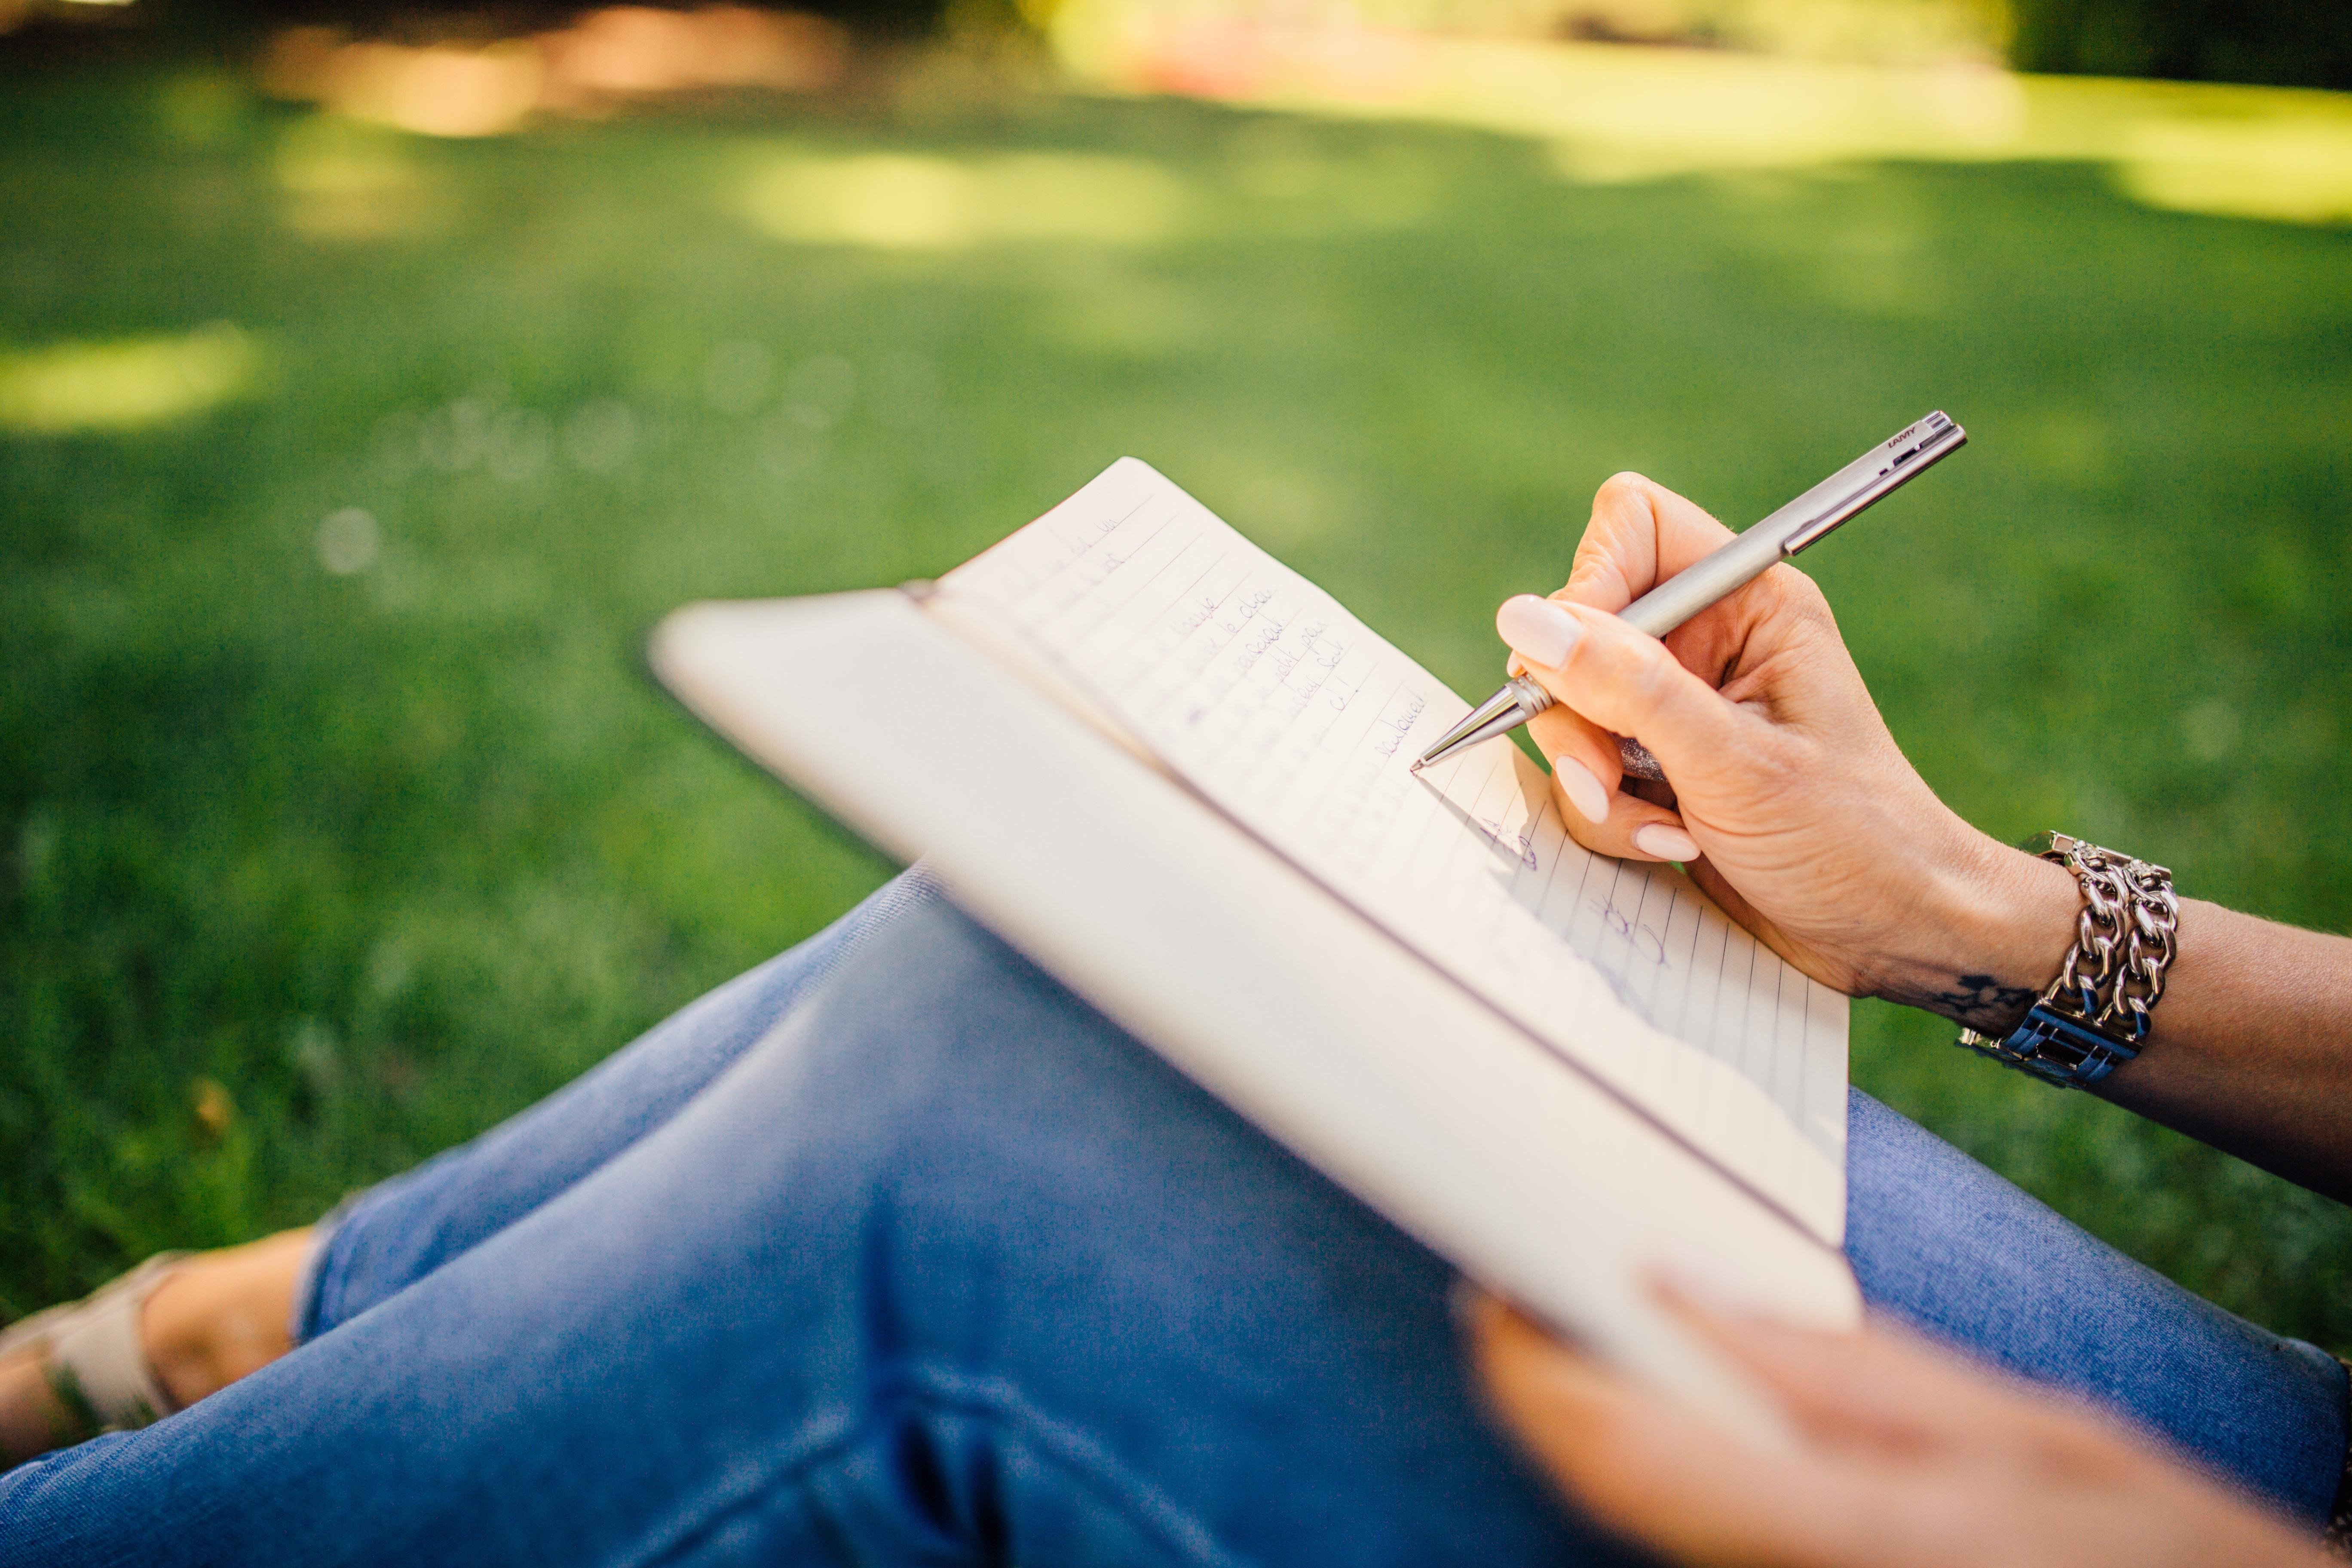 картинки человек пишет ручкой ножки также плотная